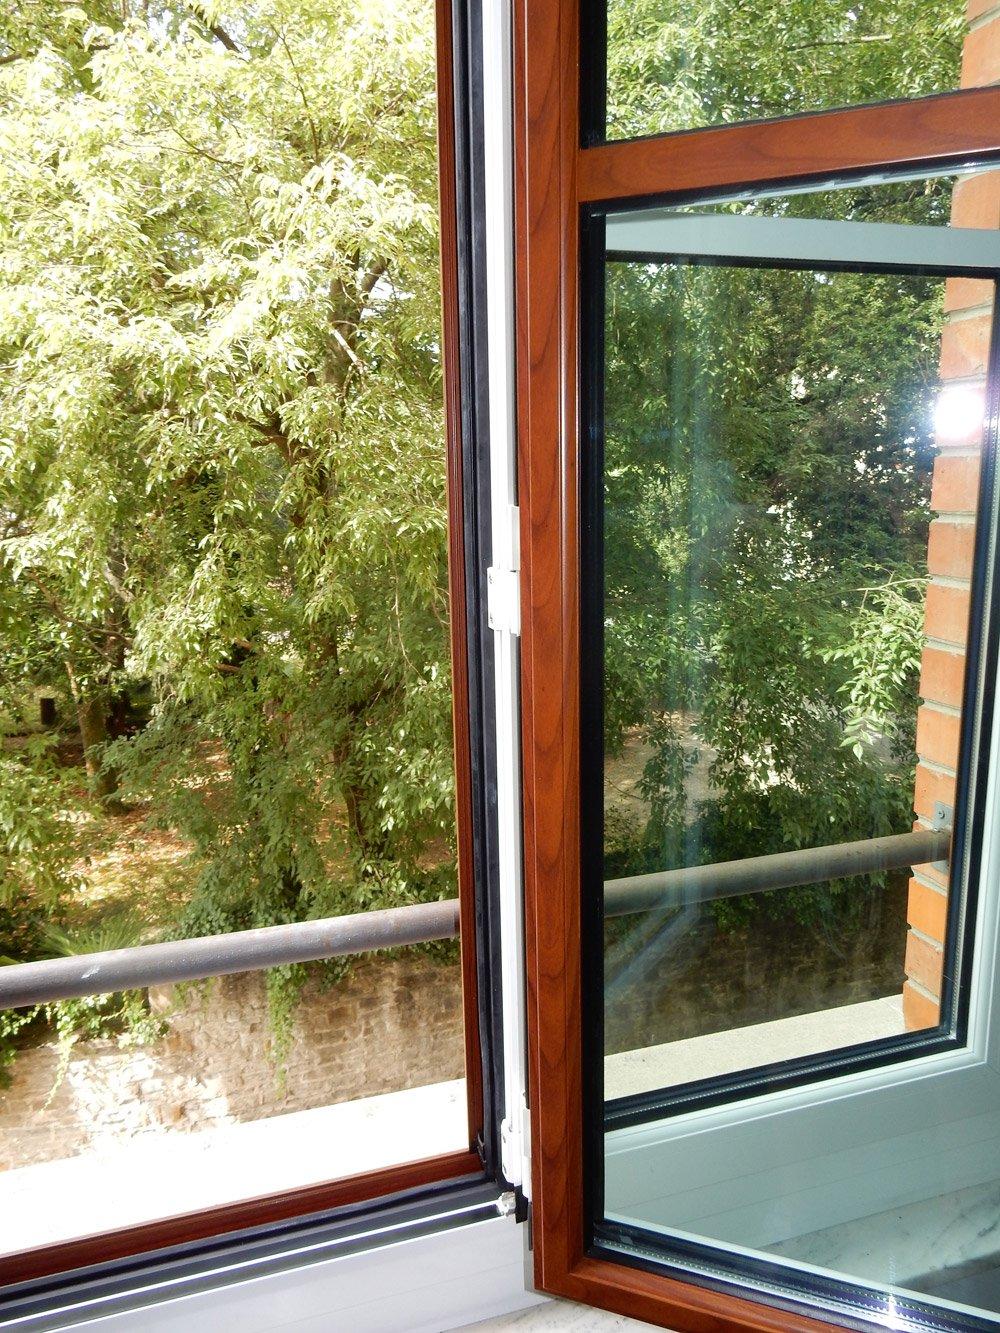 particolare di una finestra aperta con vista su degli alberi